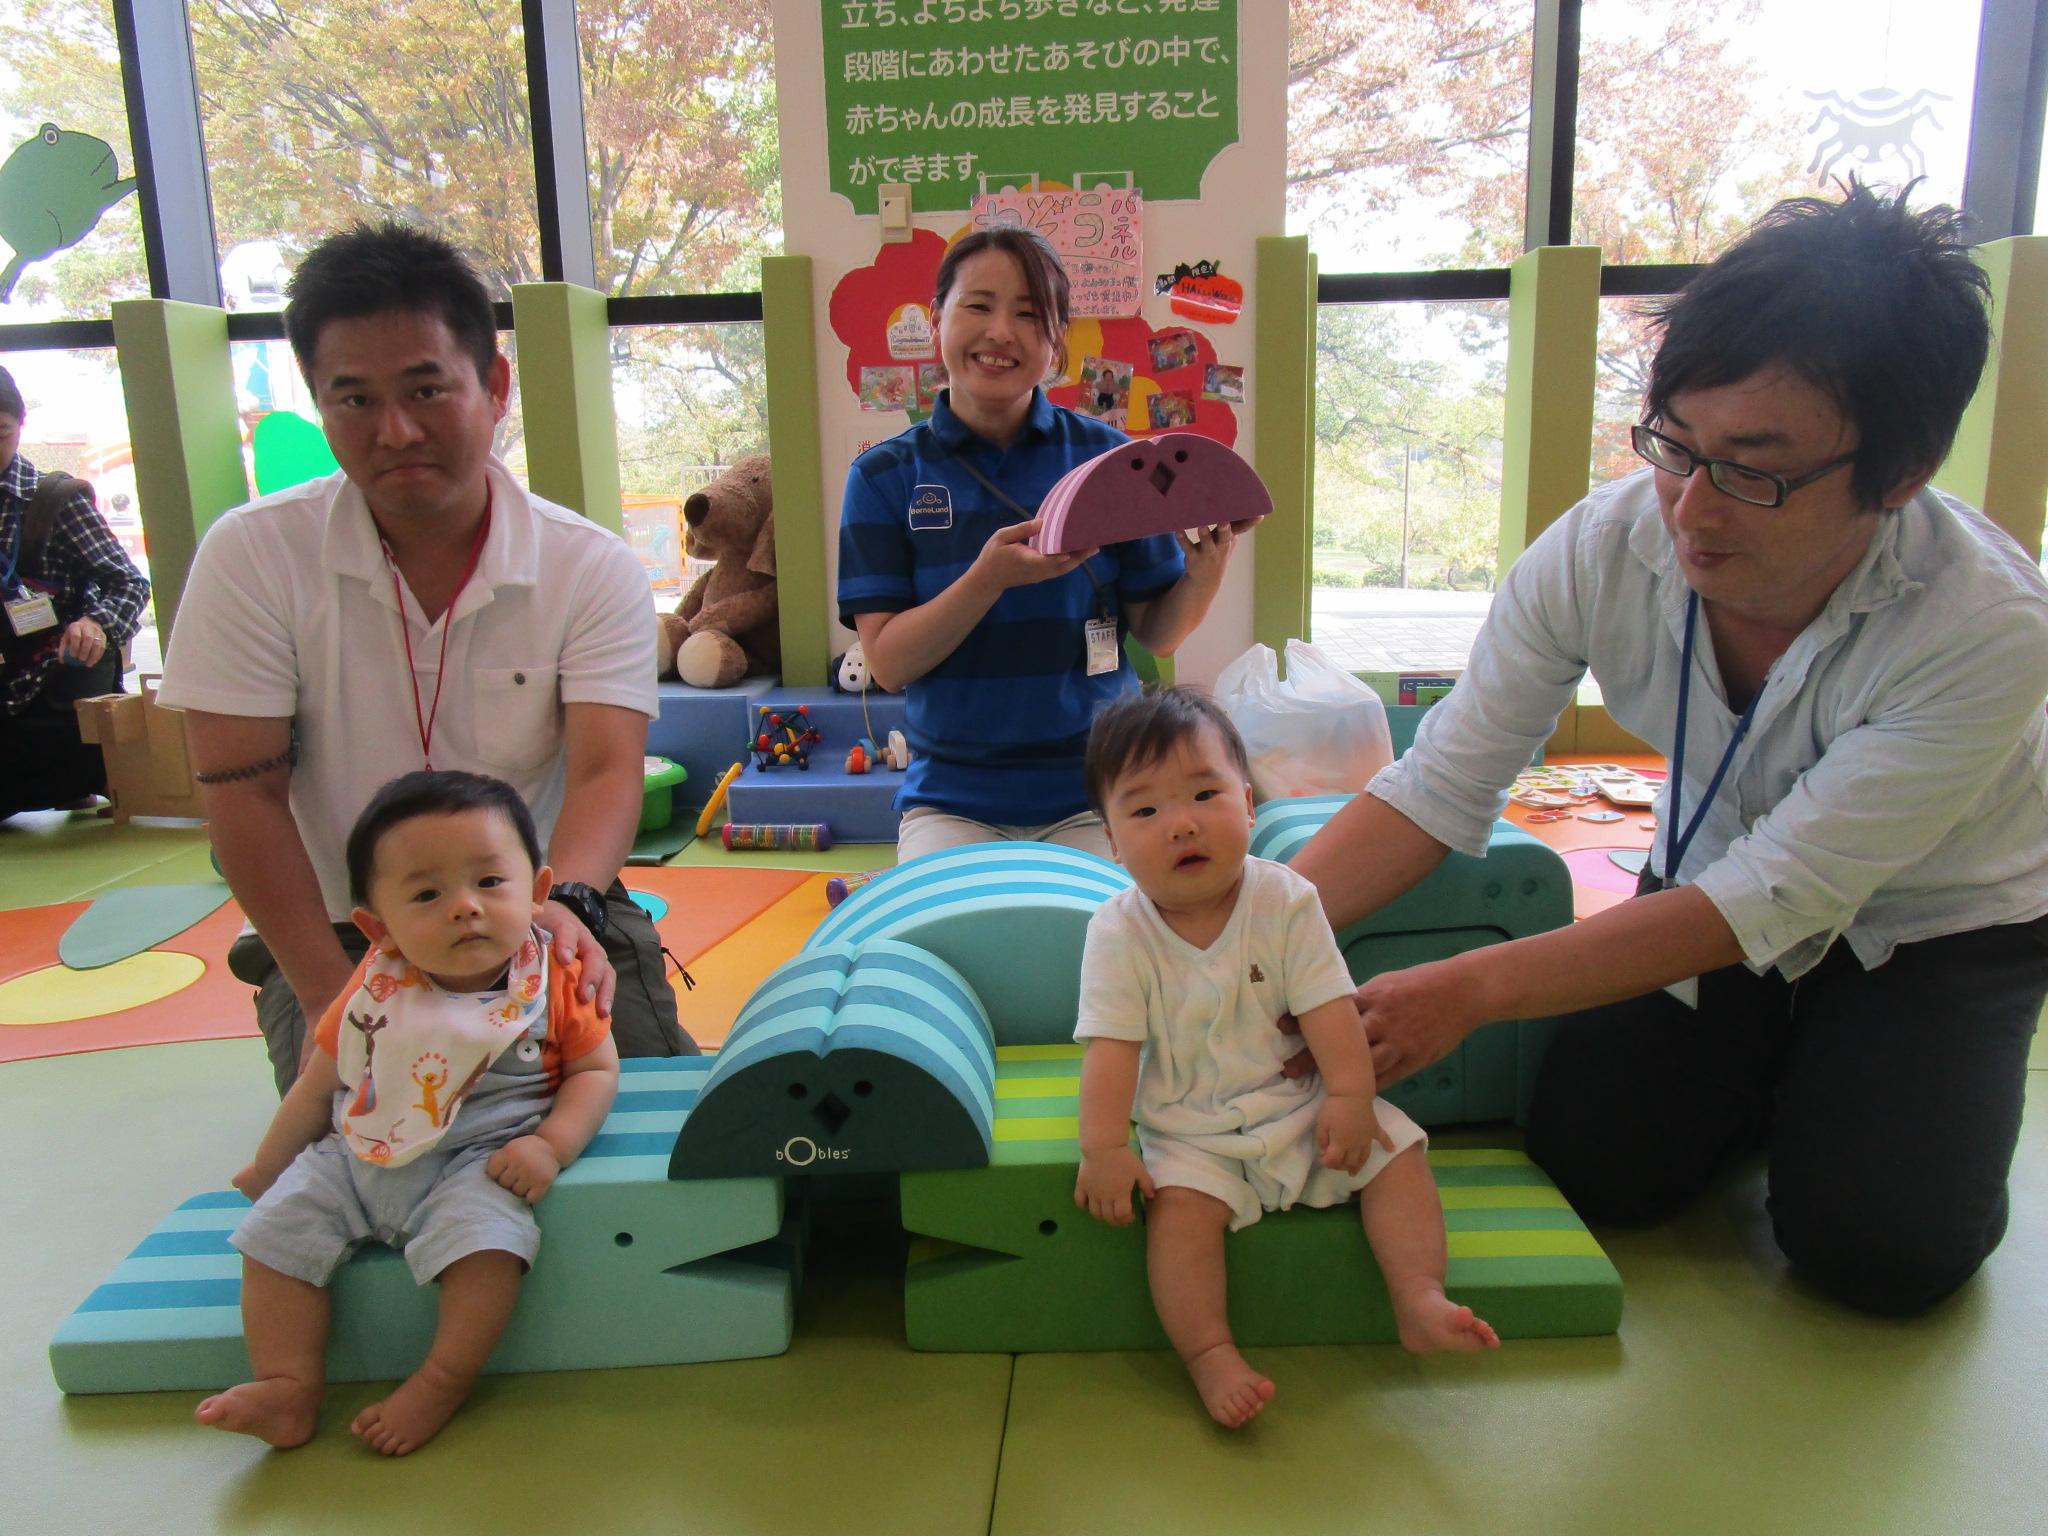 赤ちゃんイベント『ボブルスであそぼう!』